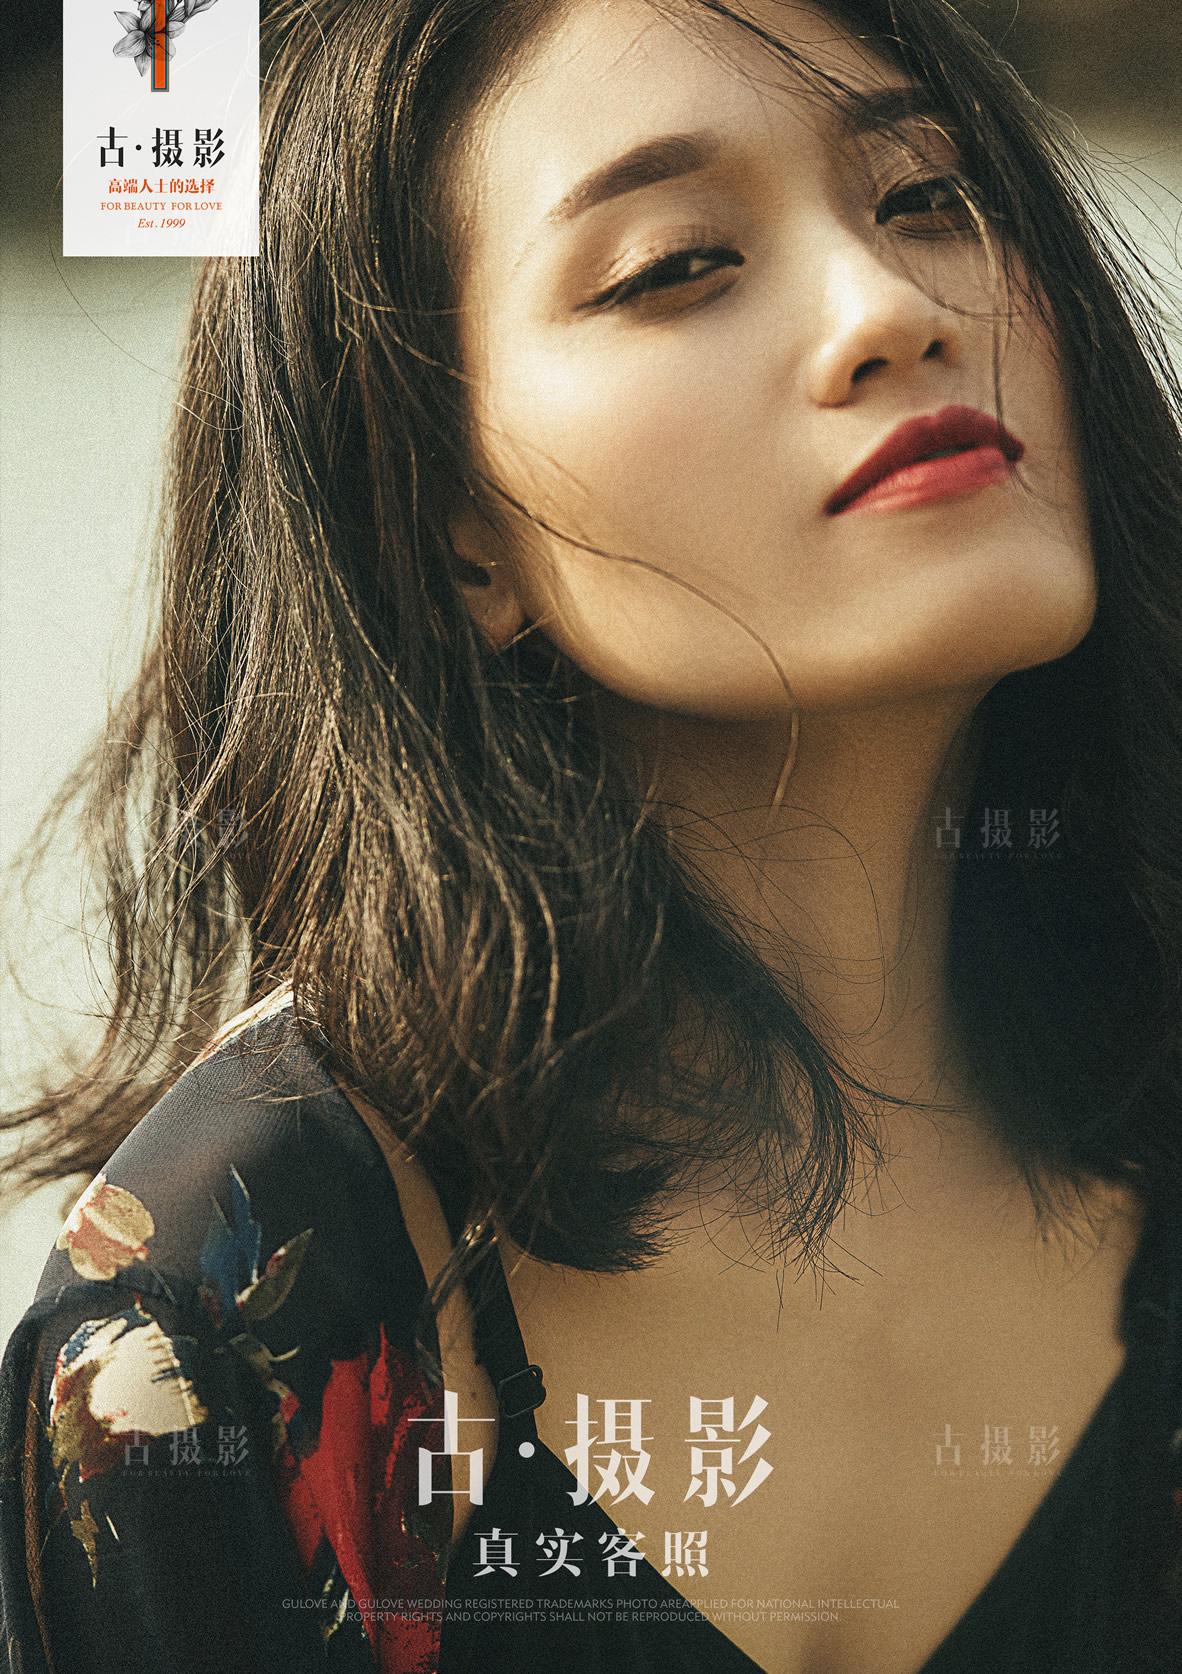 5月19日客片王先生 谭小姐 - 每日客照 - 广州婚纱摄影-广州古摄影官网